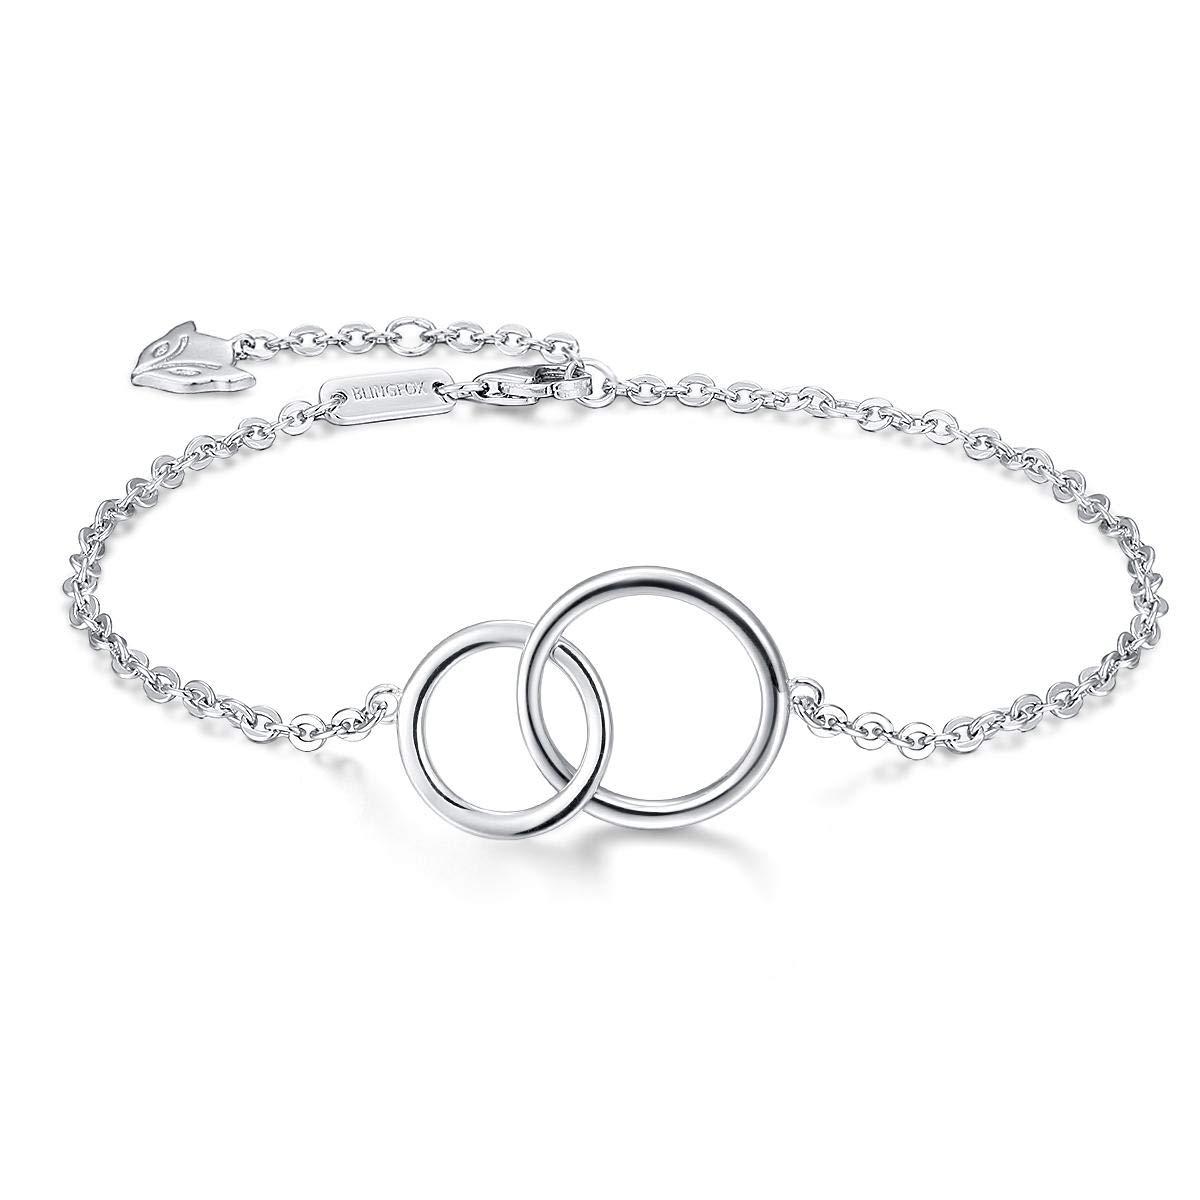 Blingfox 925 Sterling Silver Sister Friendship Bracelet Engraved Always My Sister Forever My Friend